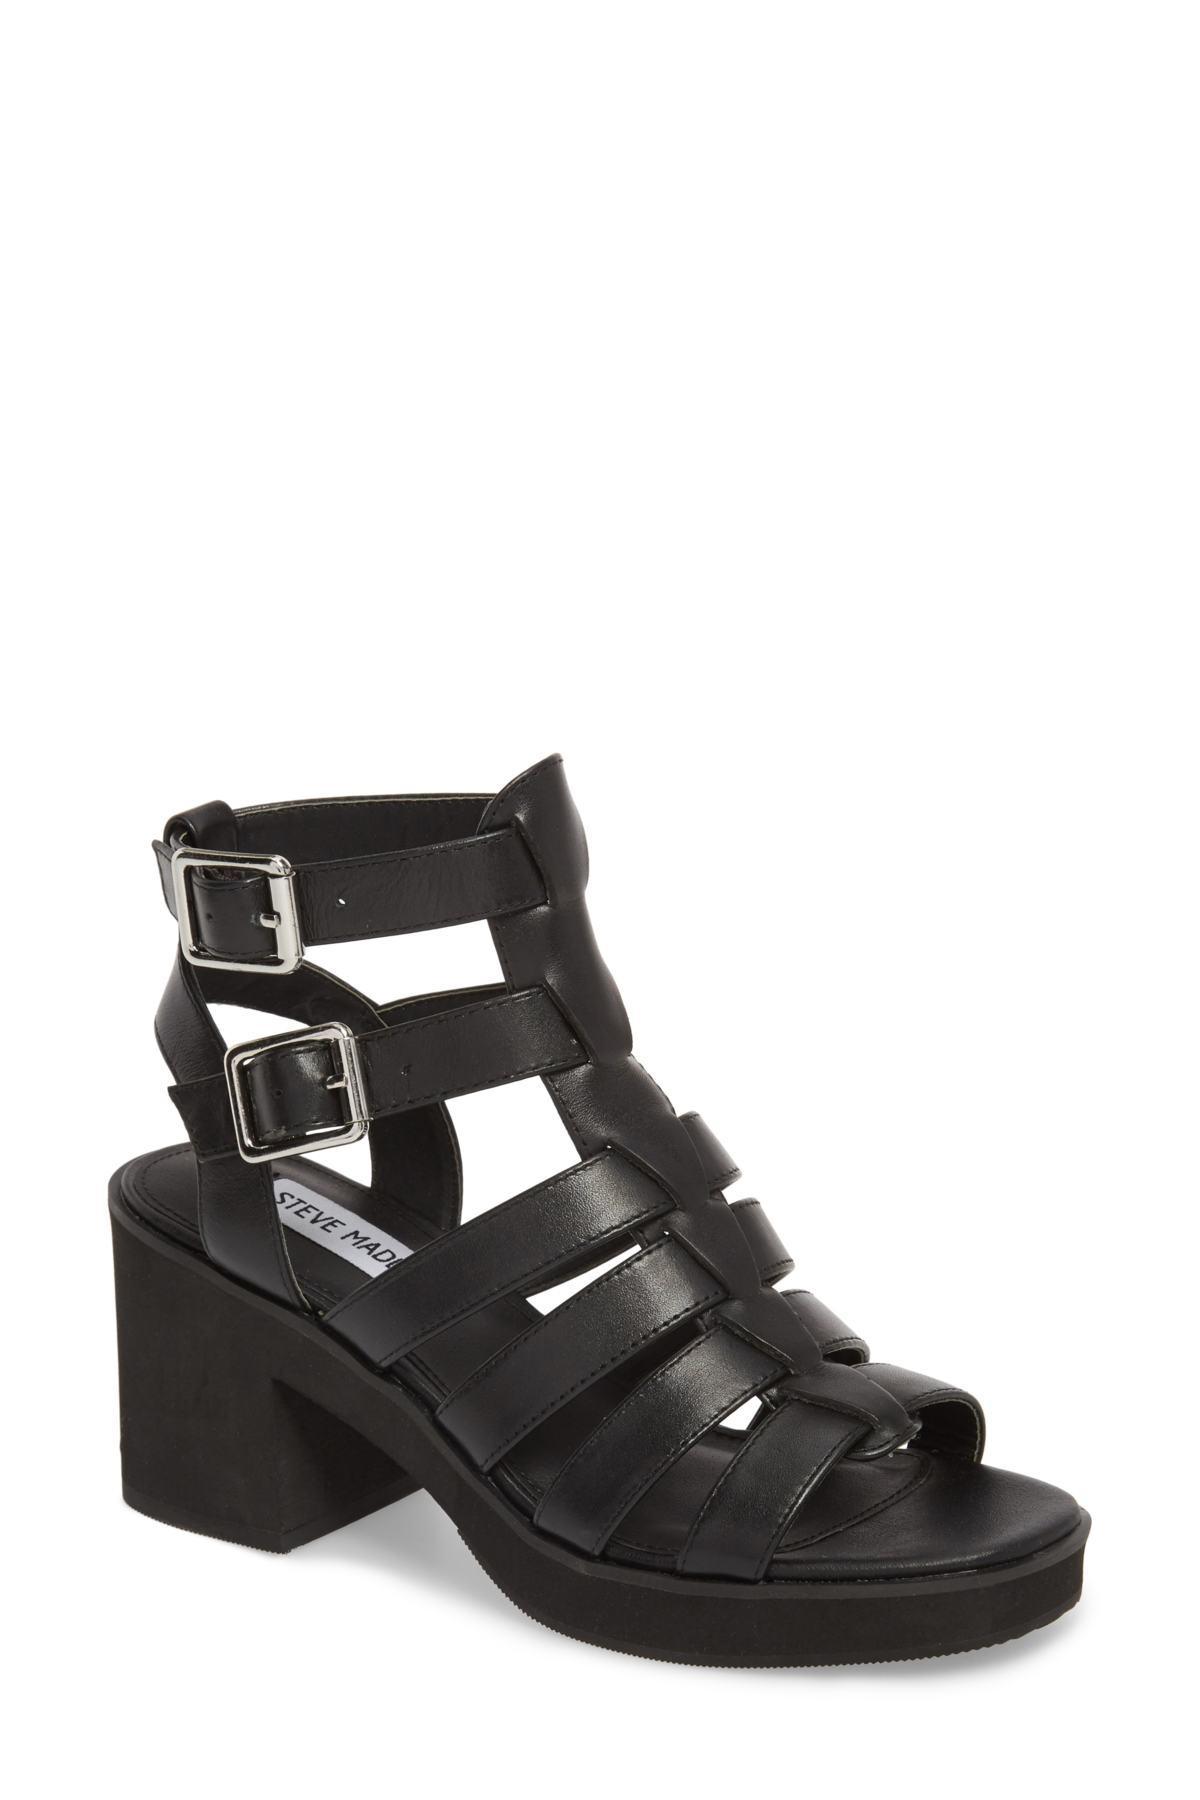 ea5628ccc67 Steve Madden Black Clue Platform Sandal (women)